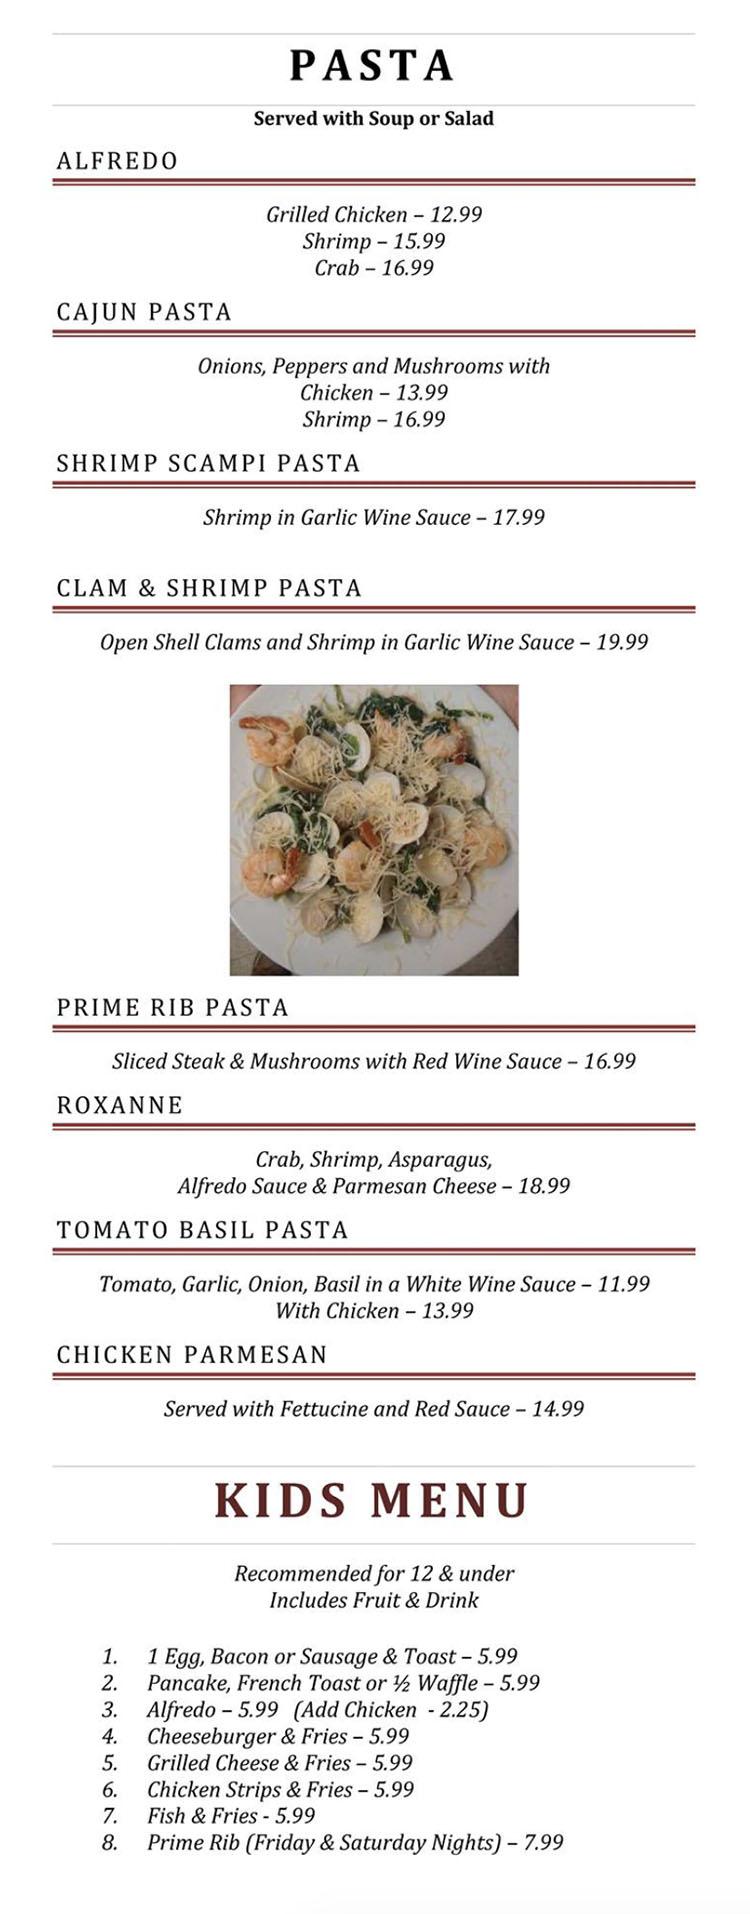 Blue Jay Cafe menu - pasta, kids